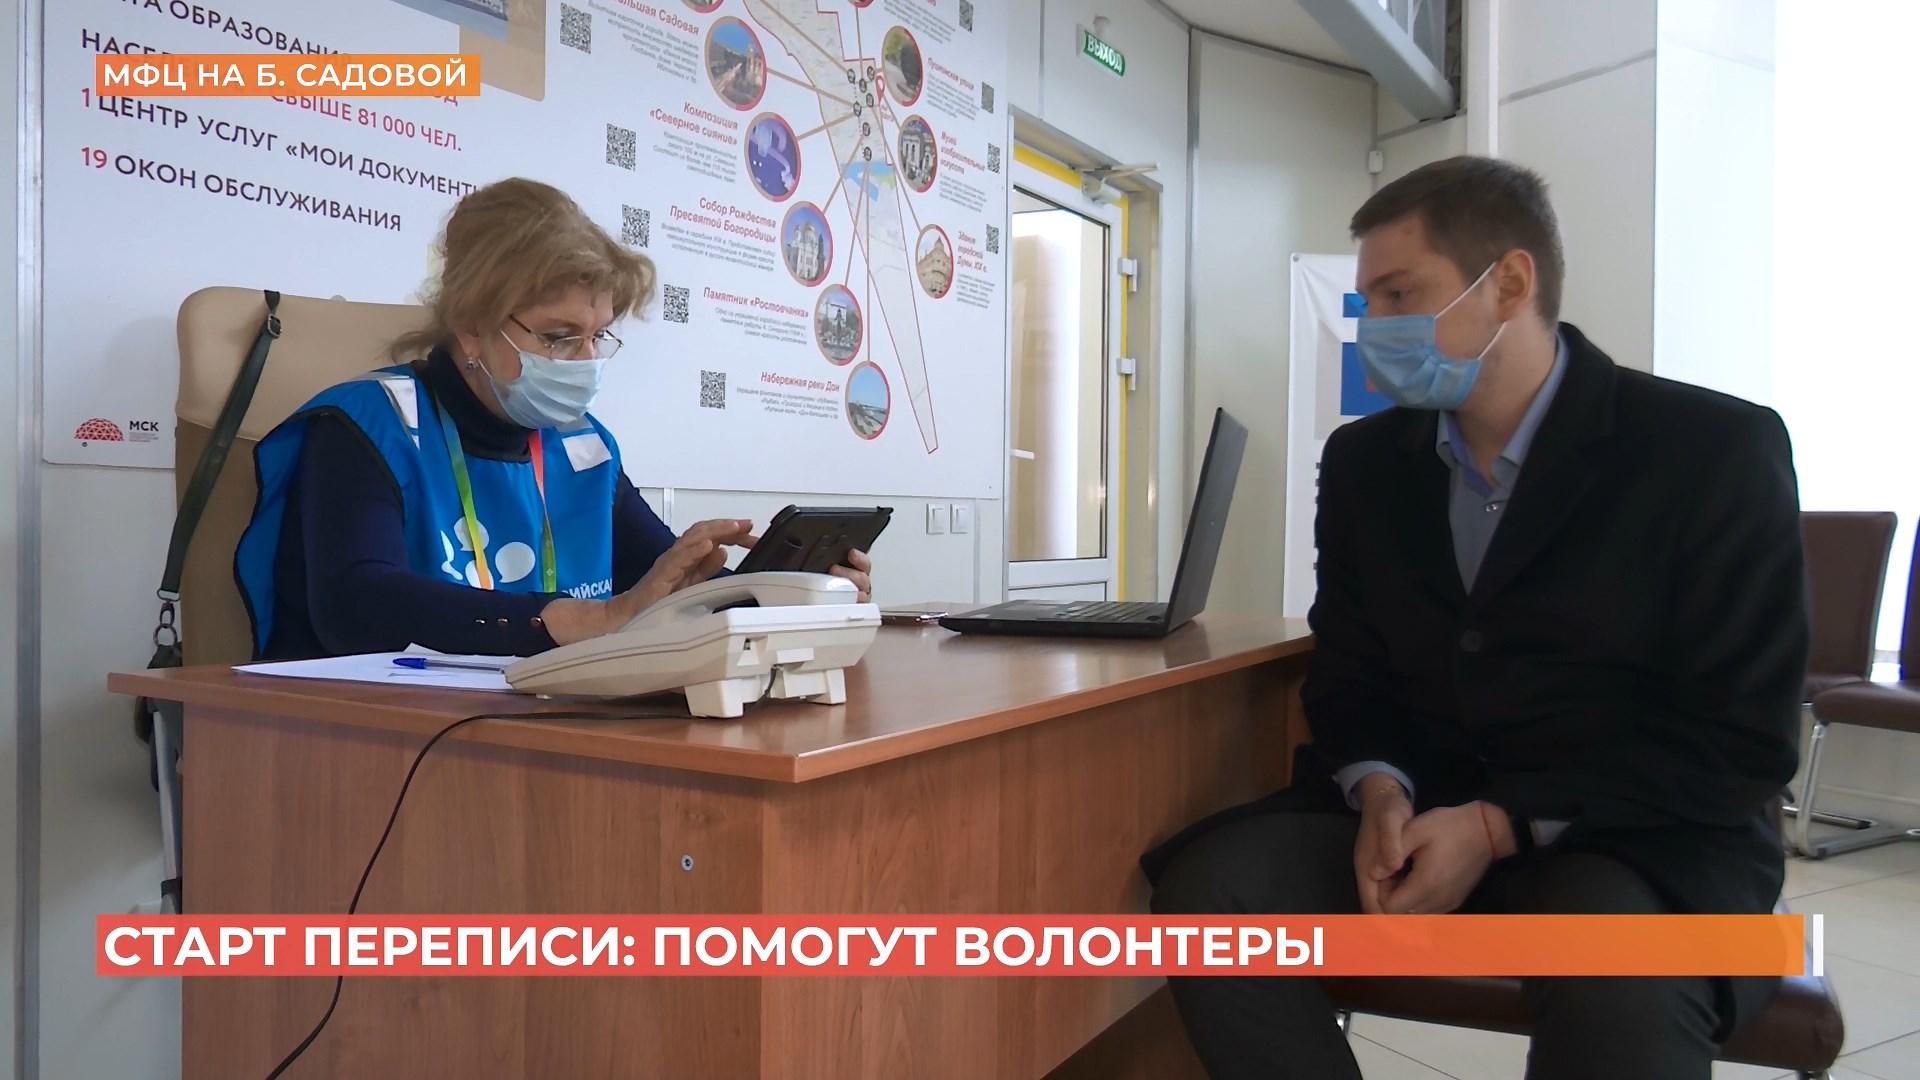 Всероссийская перепись населения стартовала сегодня